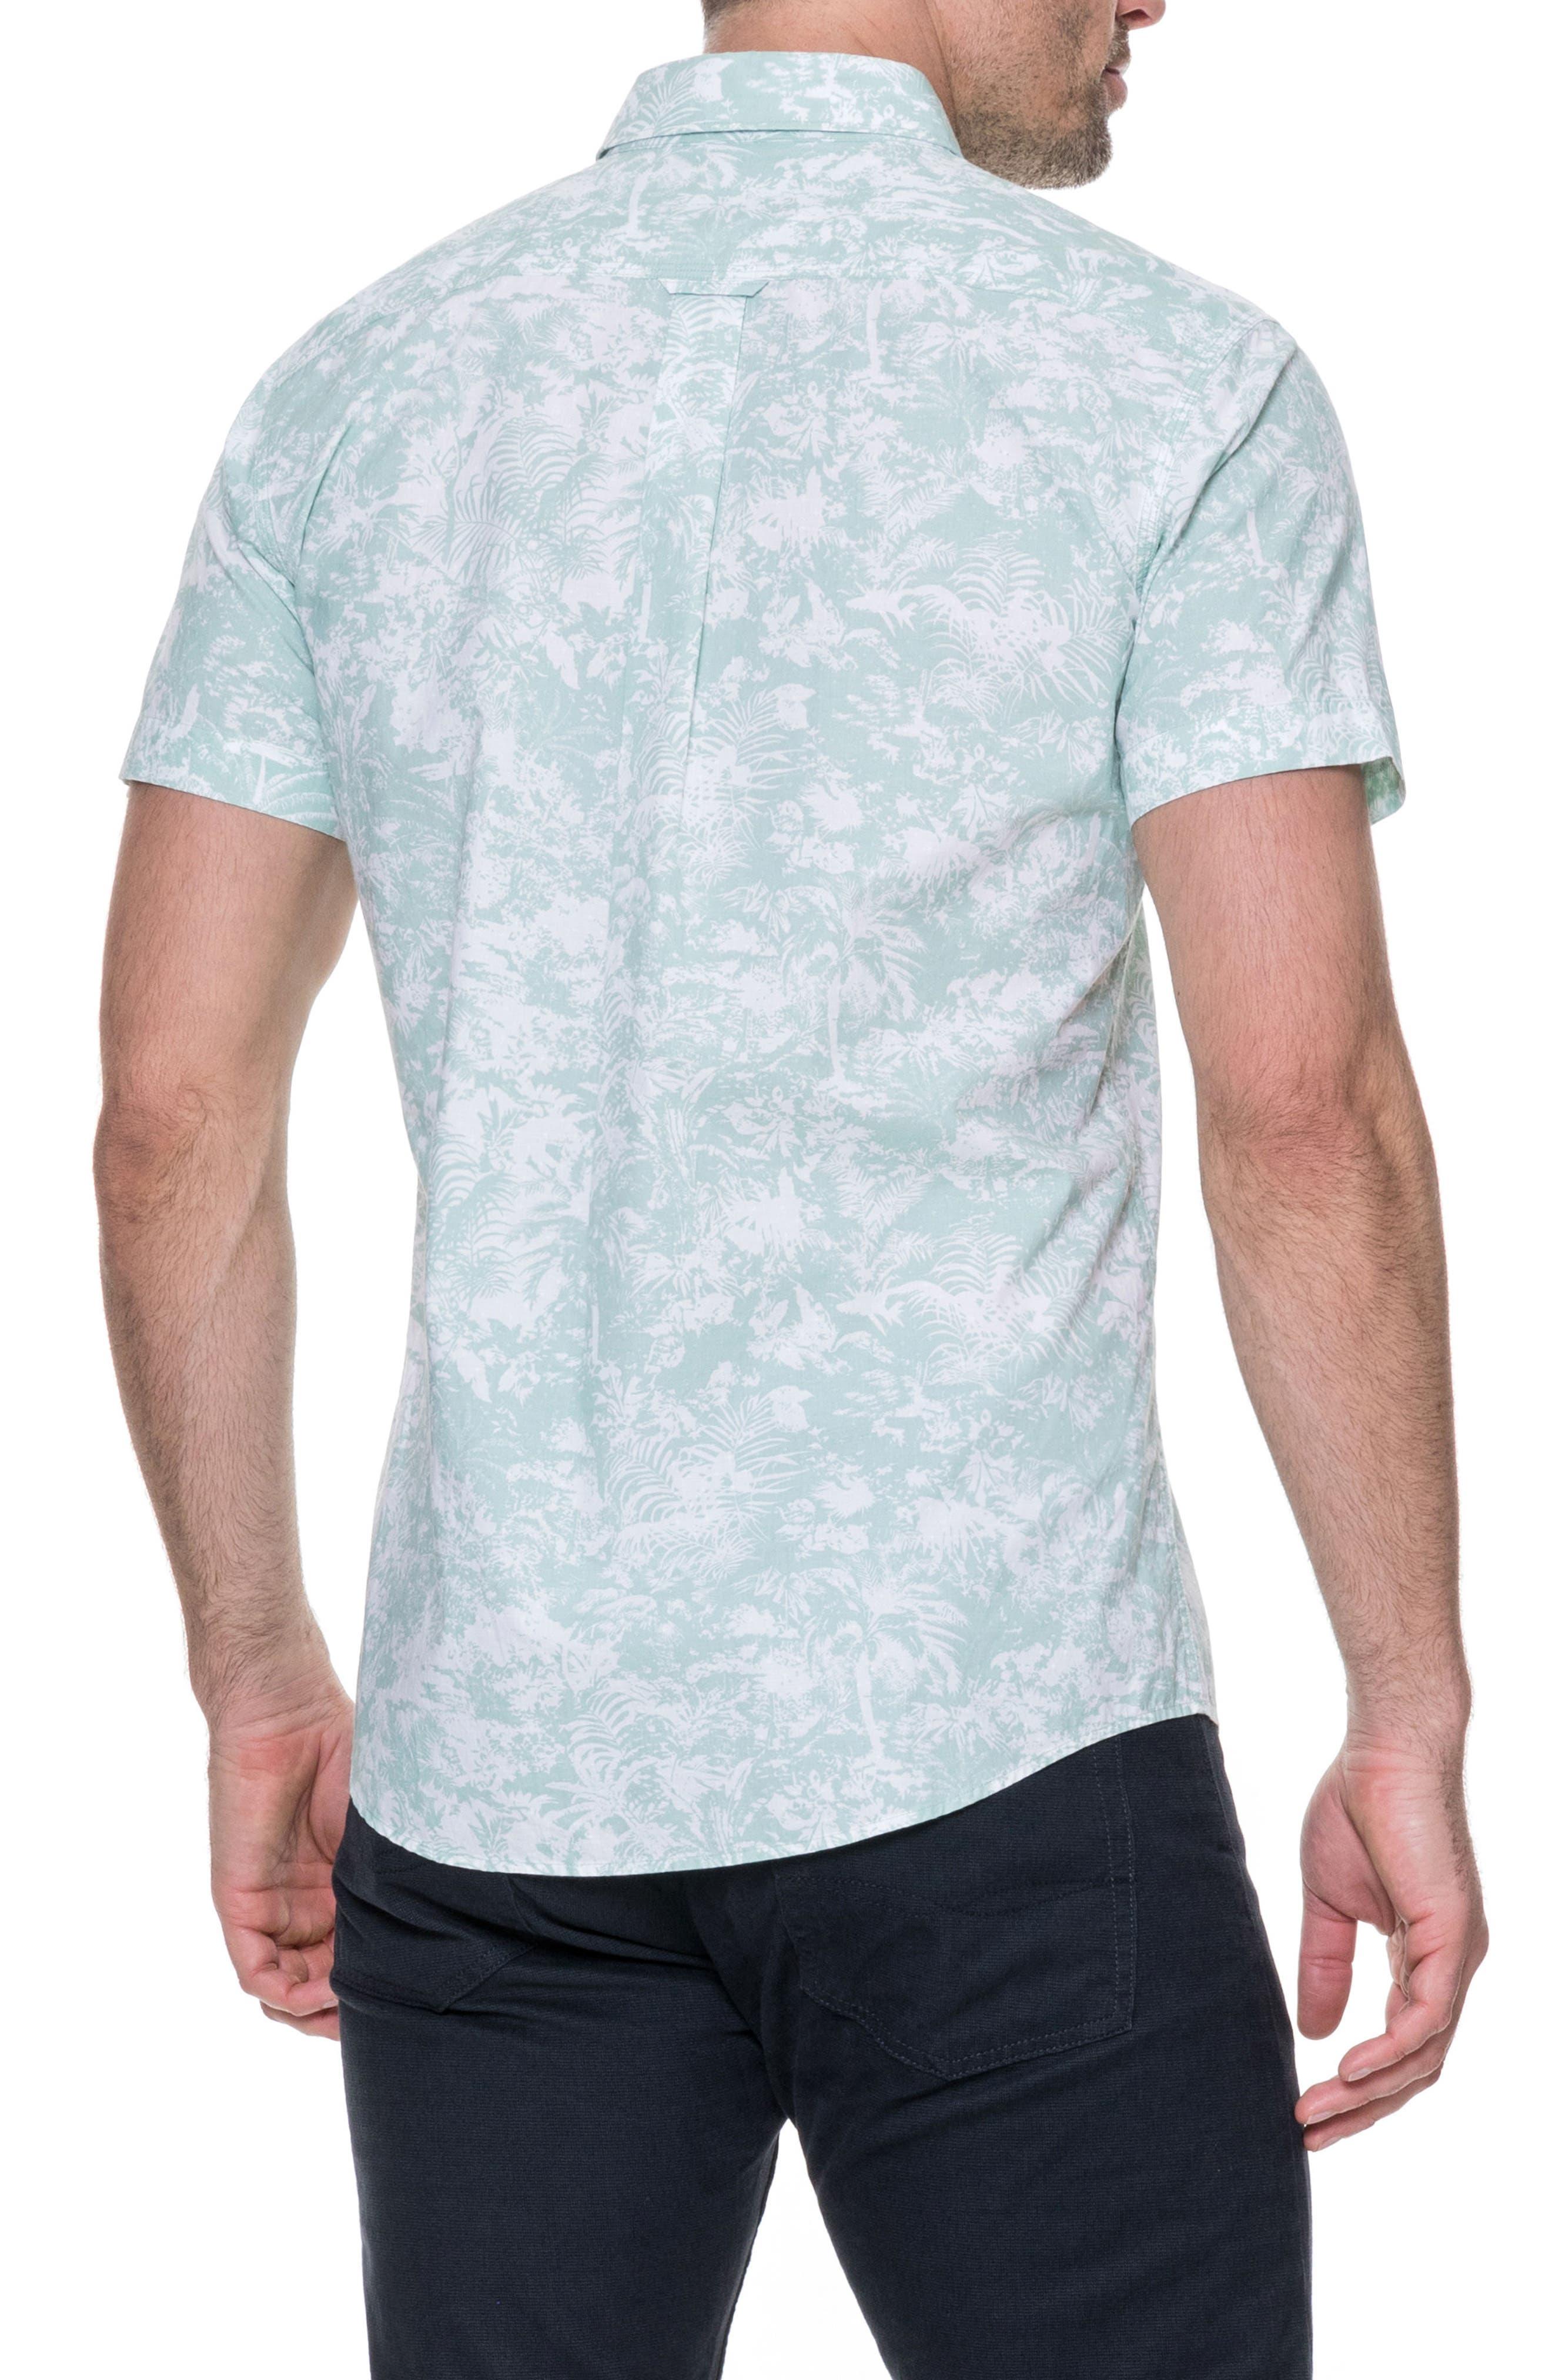 RODD & GUNN,                             Redcastle Regular Fit Sport Shirt,                             Alternate thumbnail 2, color,                             POWDER BLUE